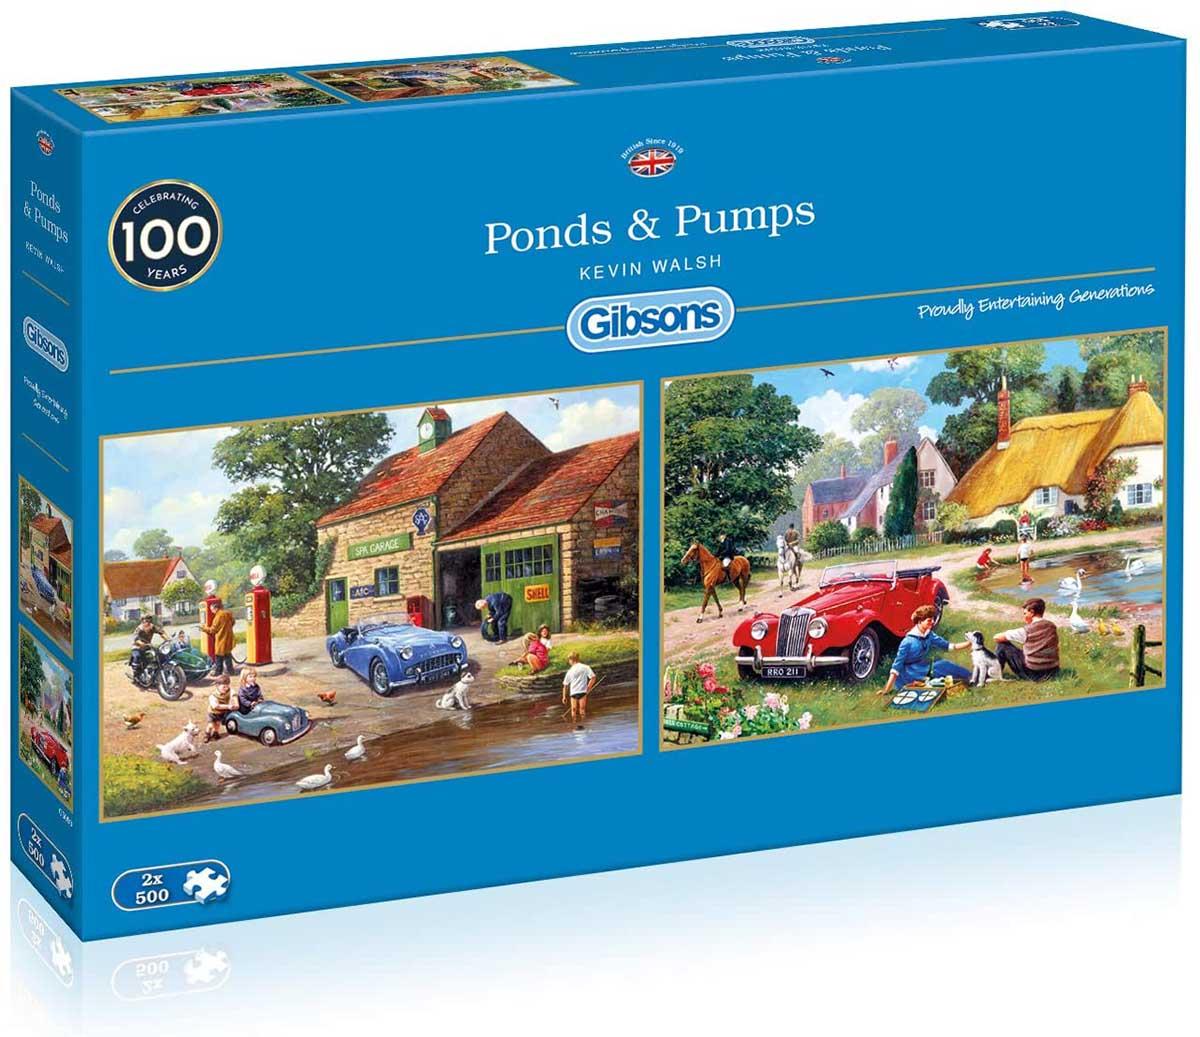 Ponds & Pumps Cars Jigsaw Puzzle